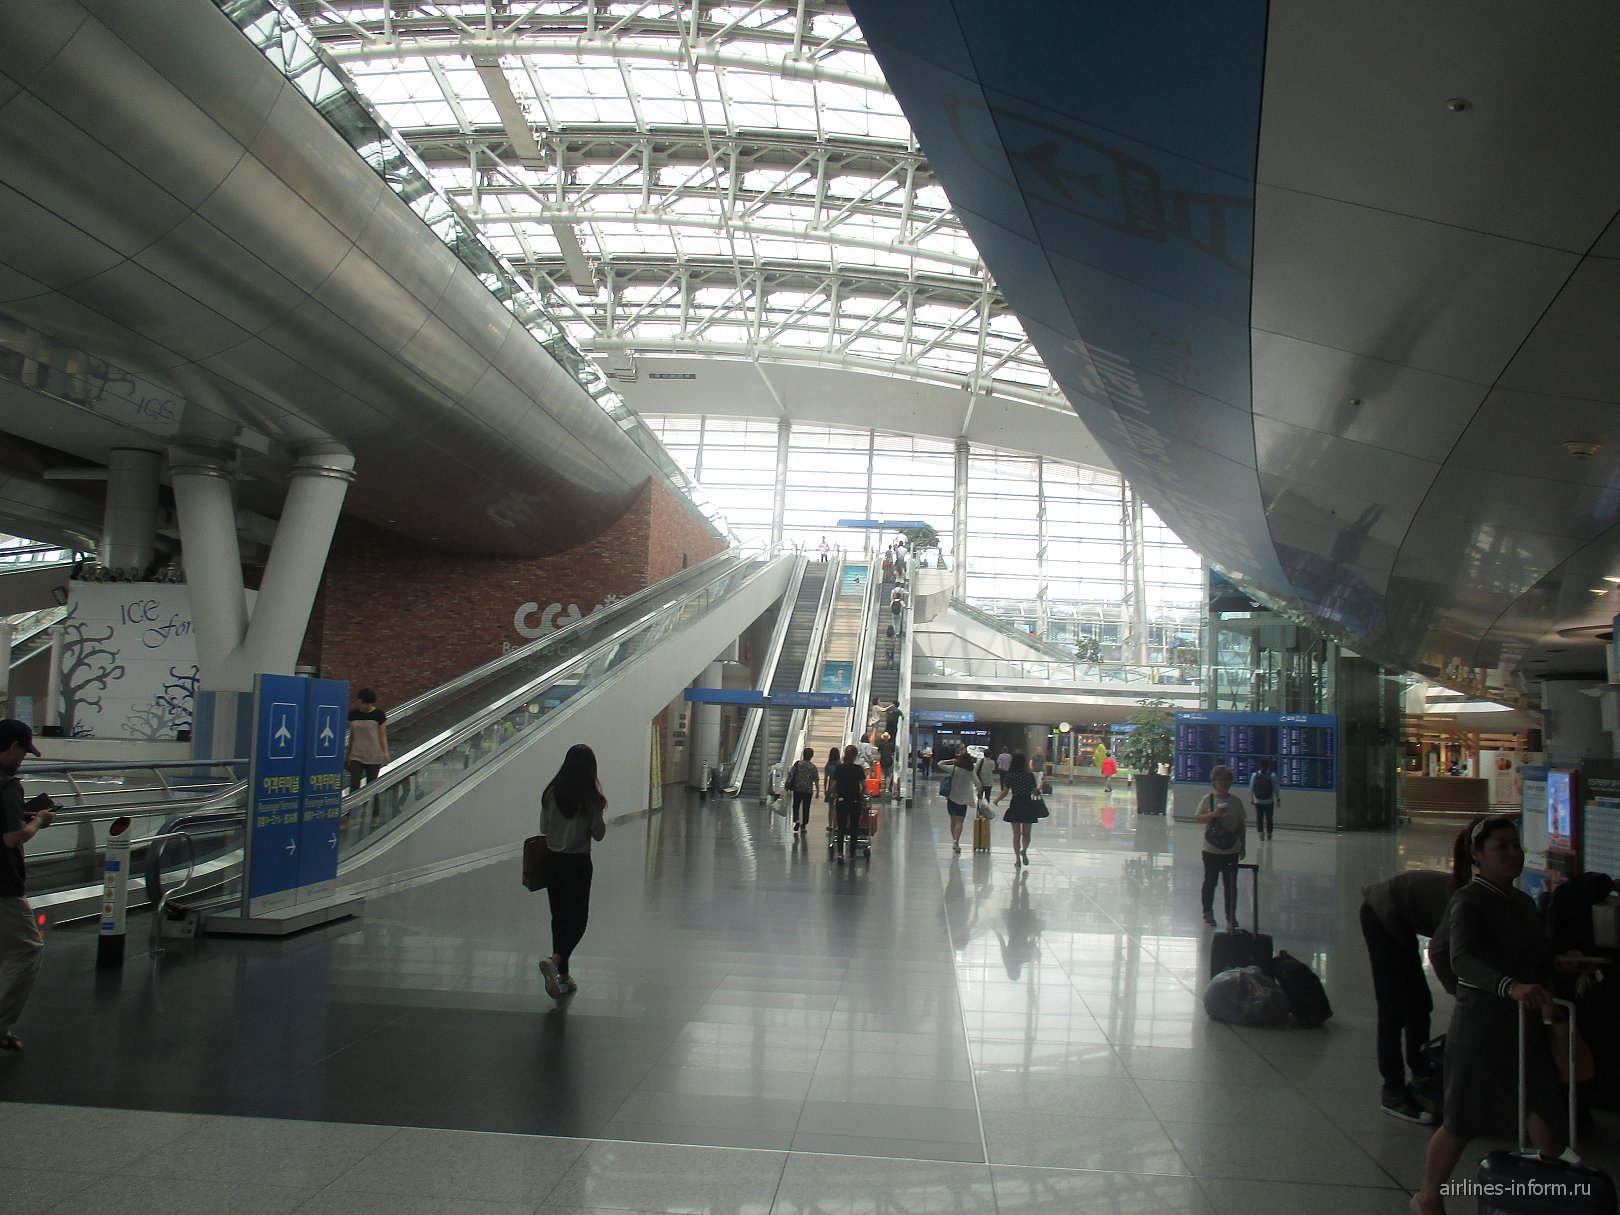 Железнодорожная станция Инчхон в одноименном аэропорту Сеула